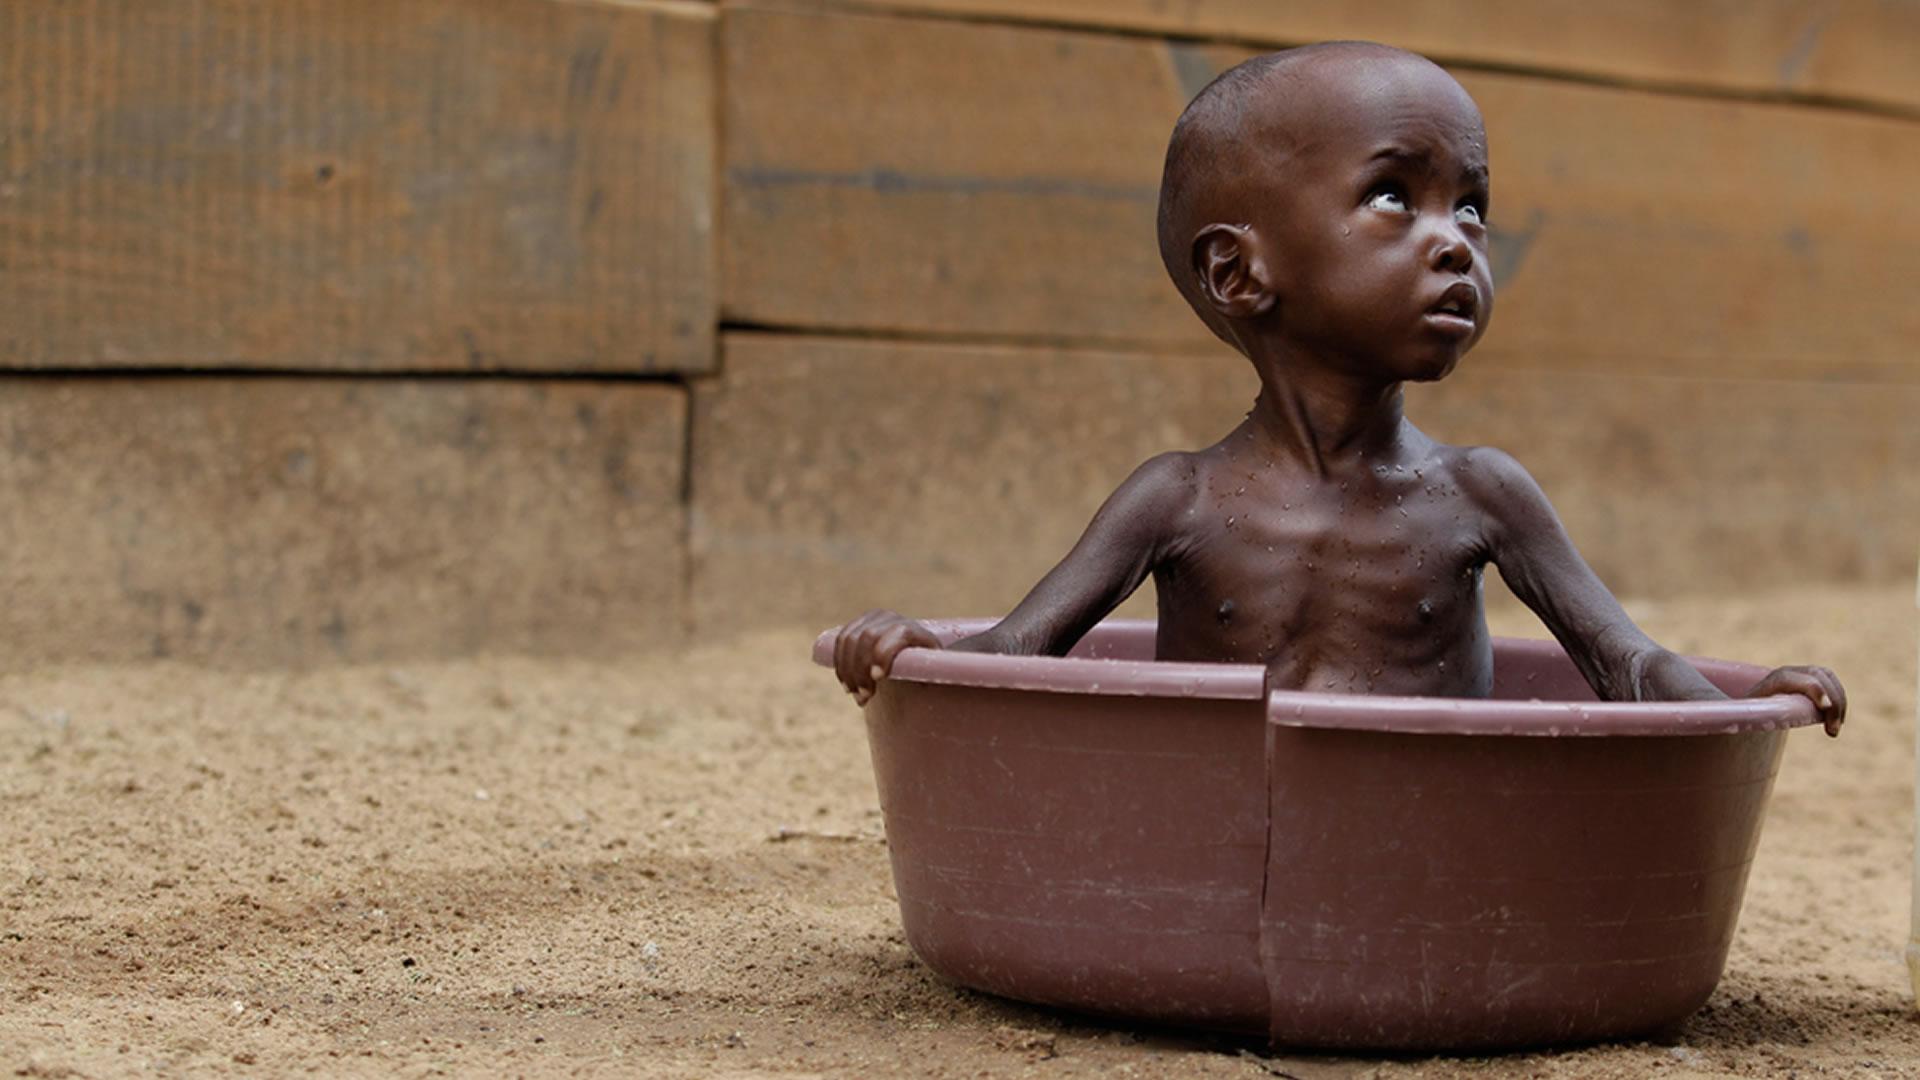 Hungry African boy sitting in empty broken bath tub